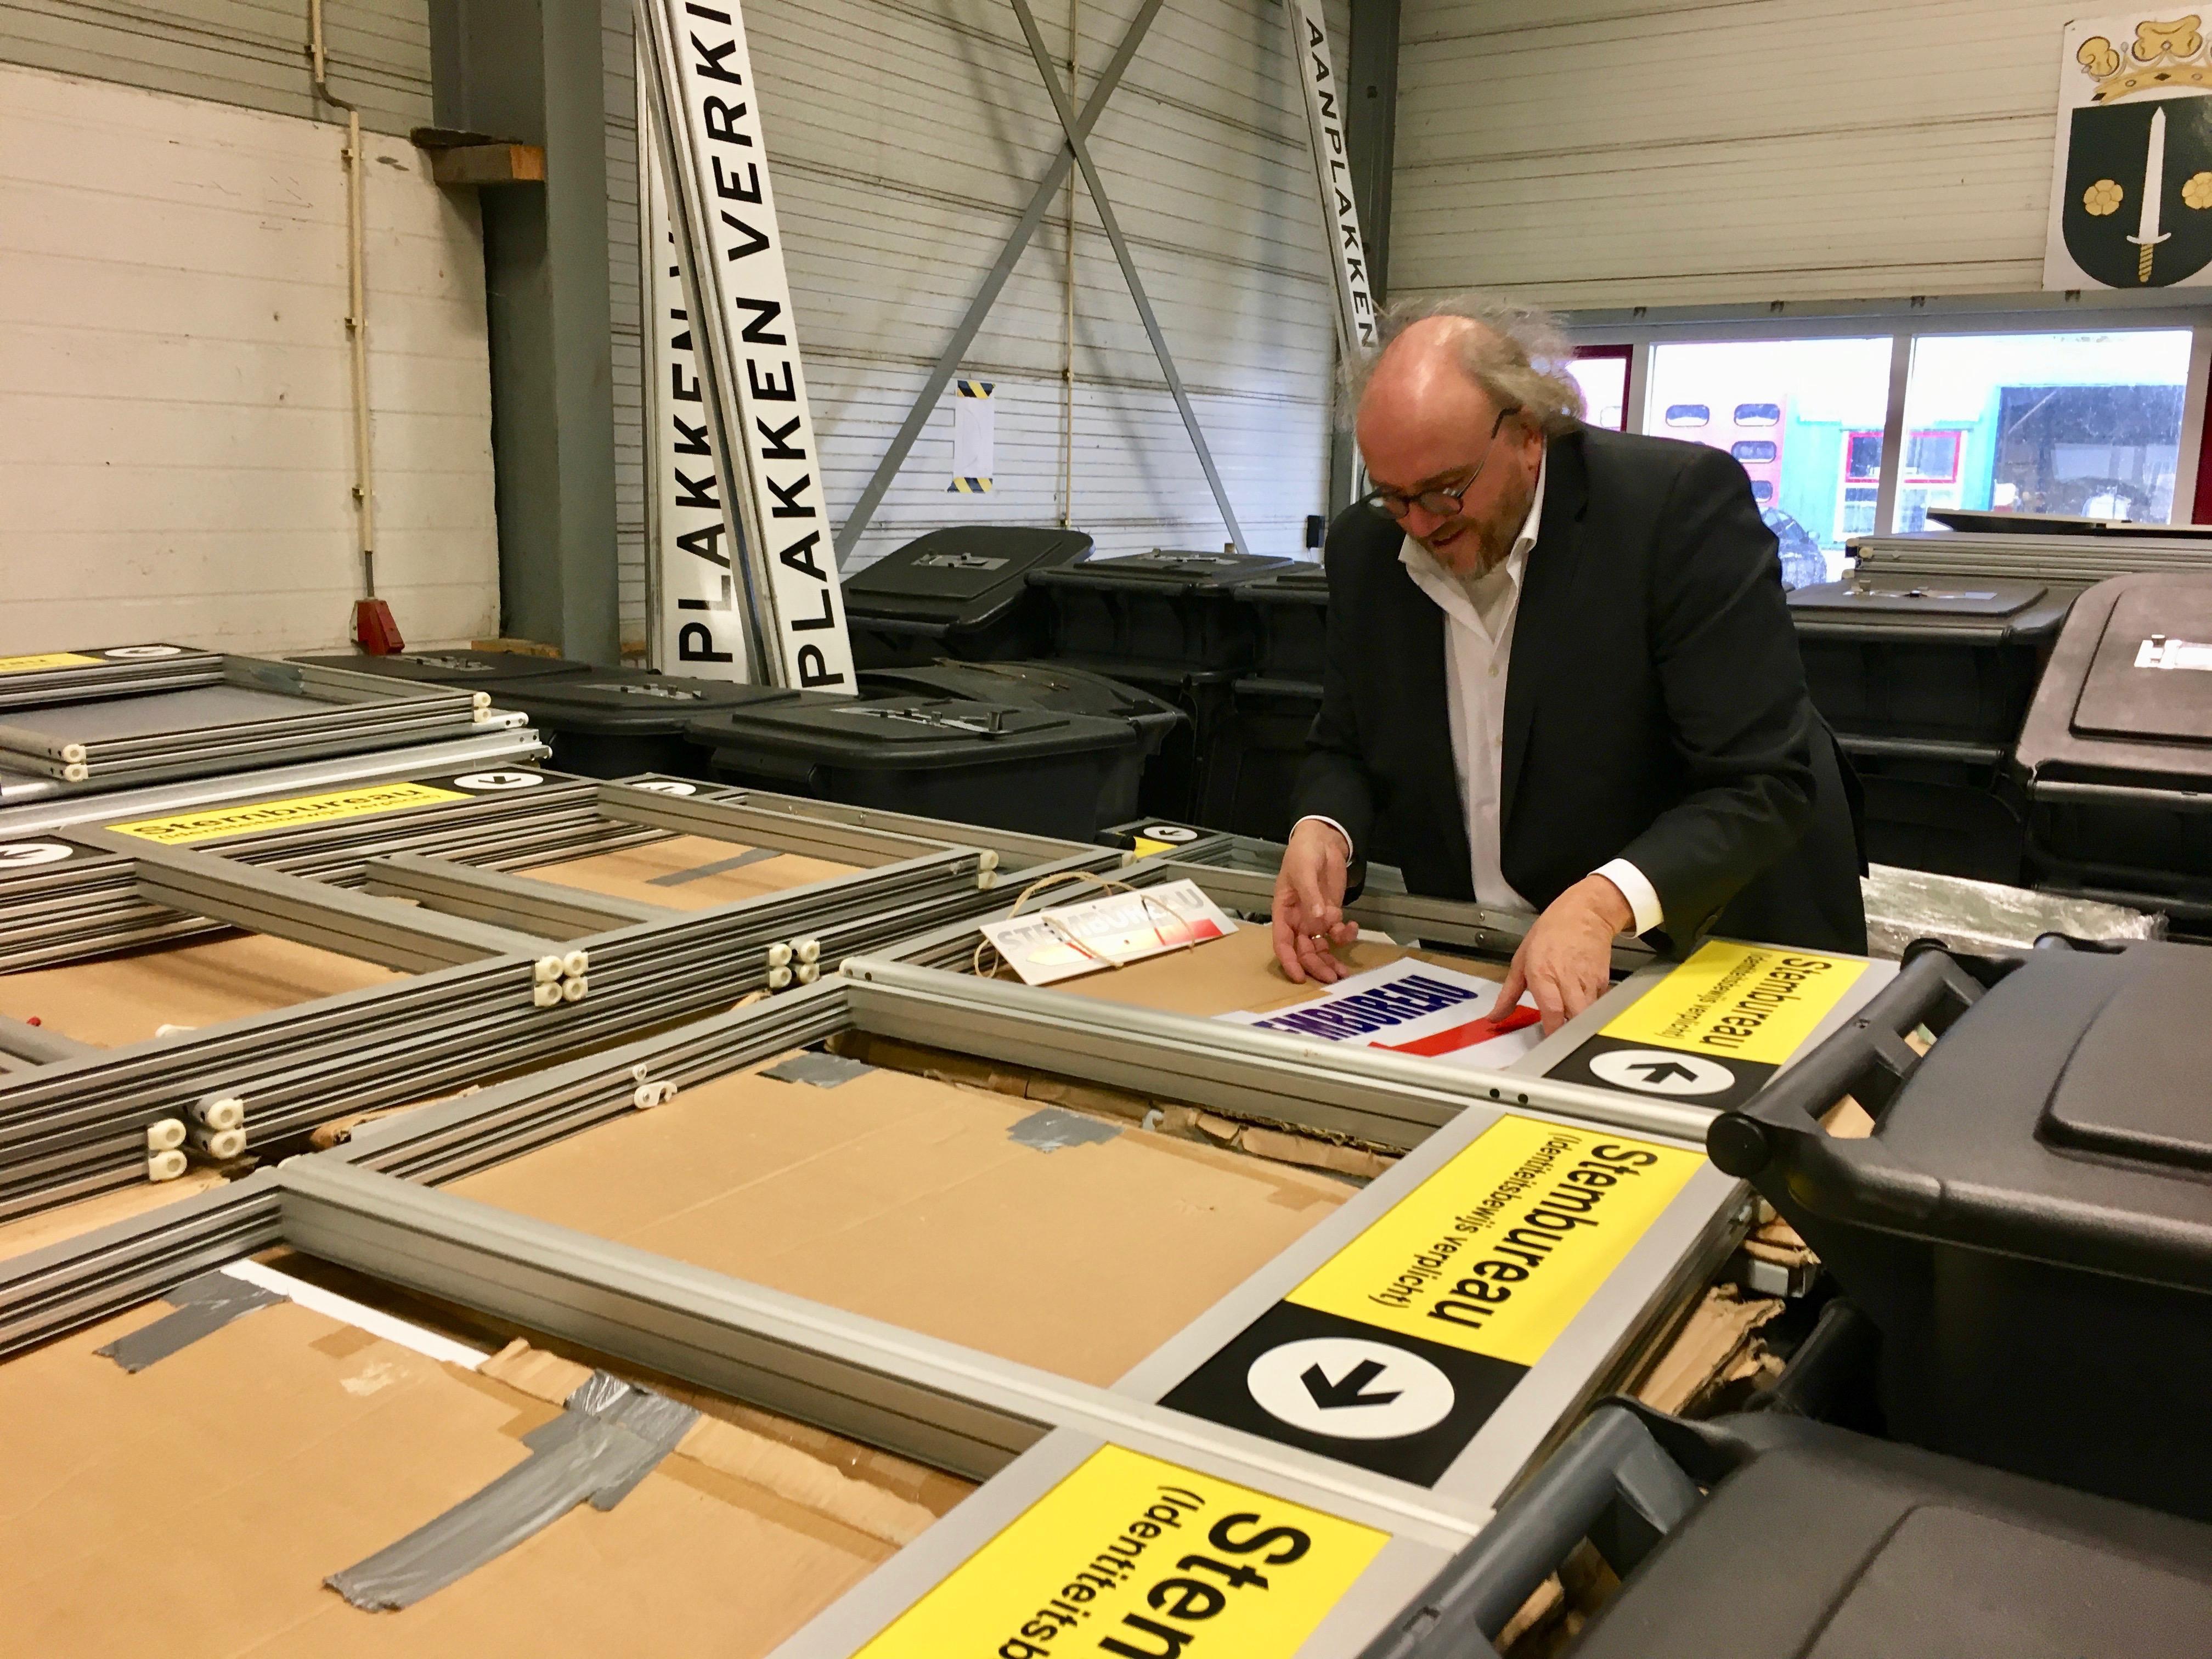 Stemmen bij agrariër of in brandweerkazerne; West-Friese gemeenten zoeken creatieve oplossingen voor stembusgang